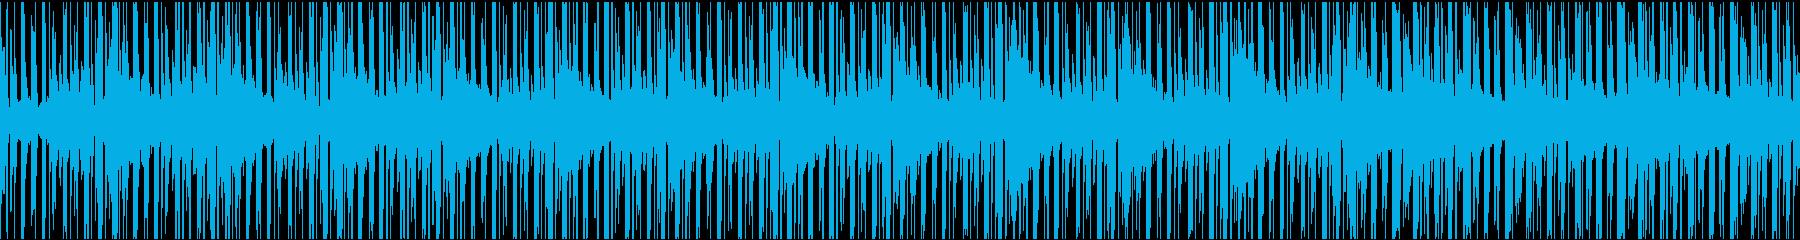 日常・シュミレーション・考え事のシーンの再生済みの波形